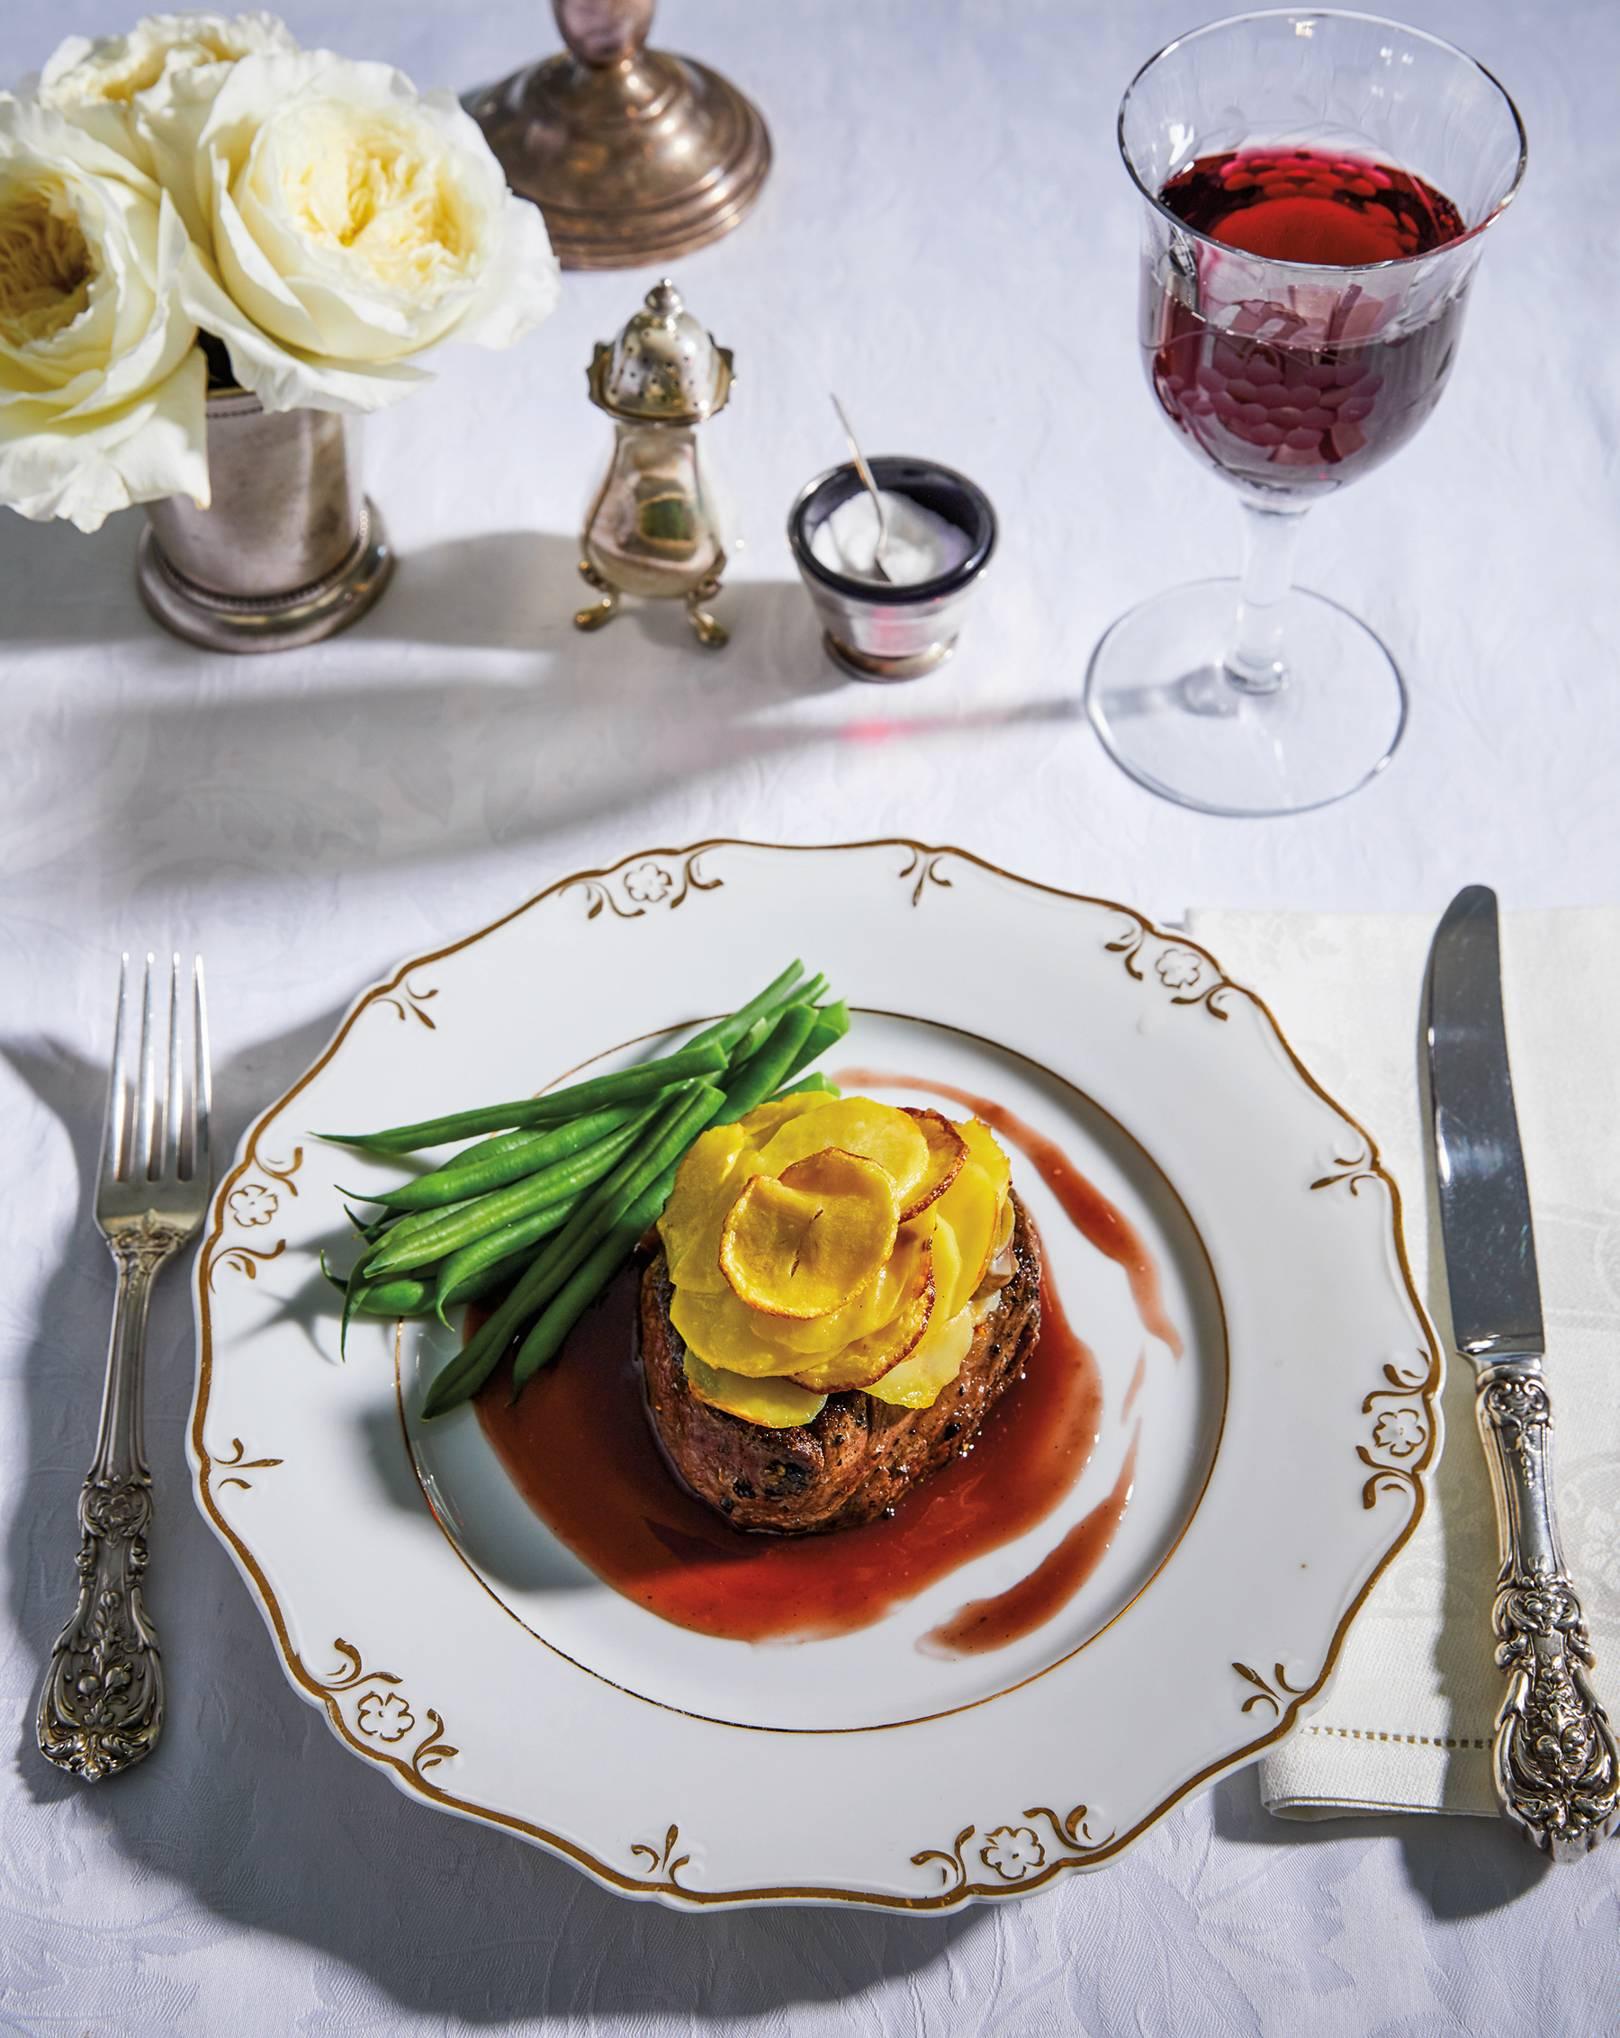 Filets mignon Lili from the Downton Abbey Cookbook